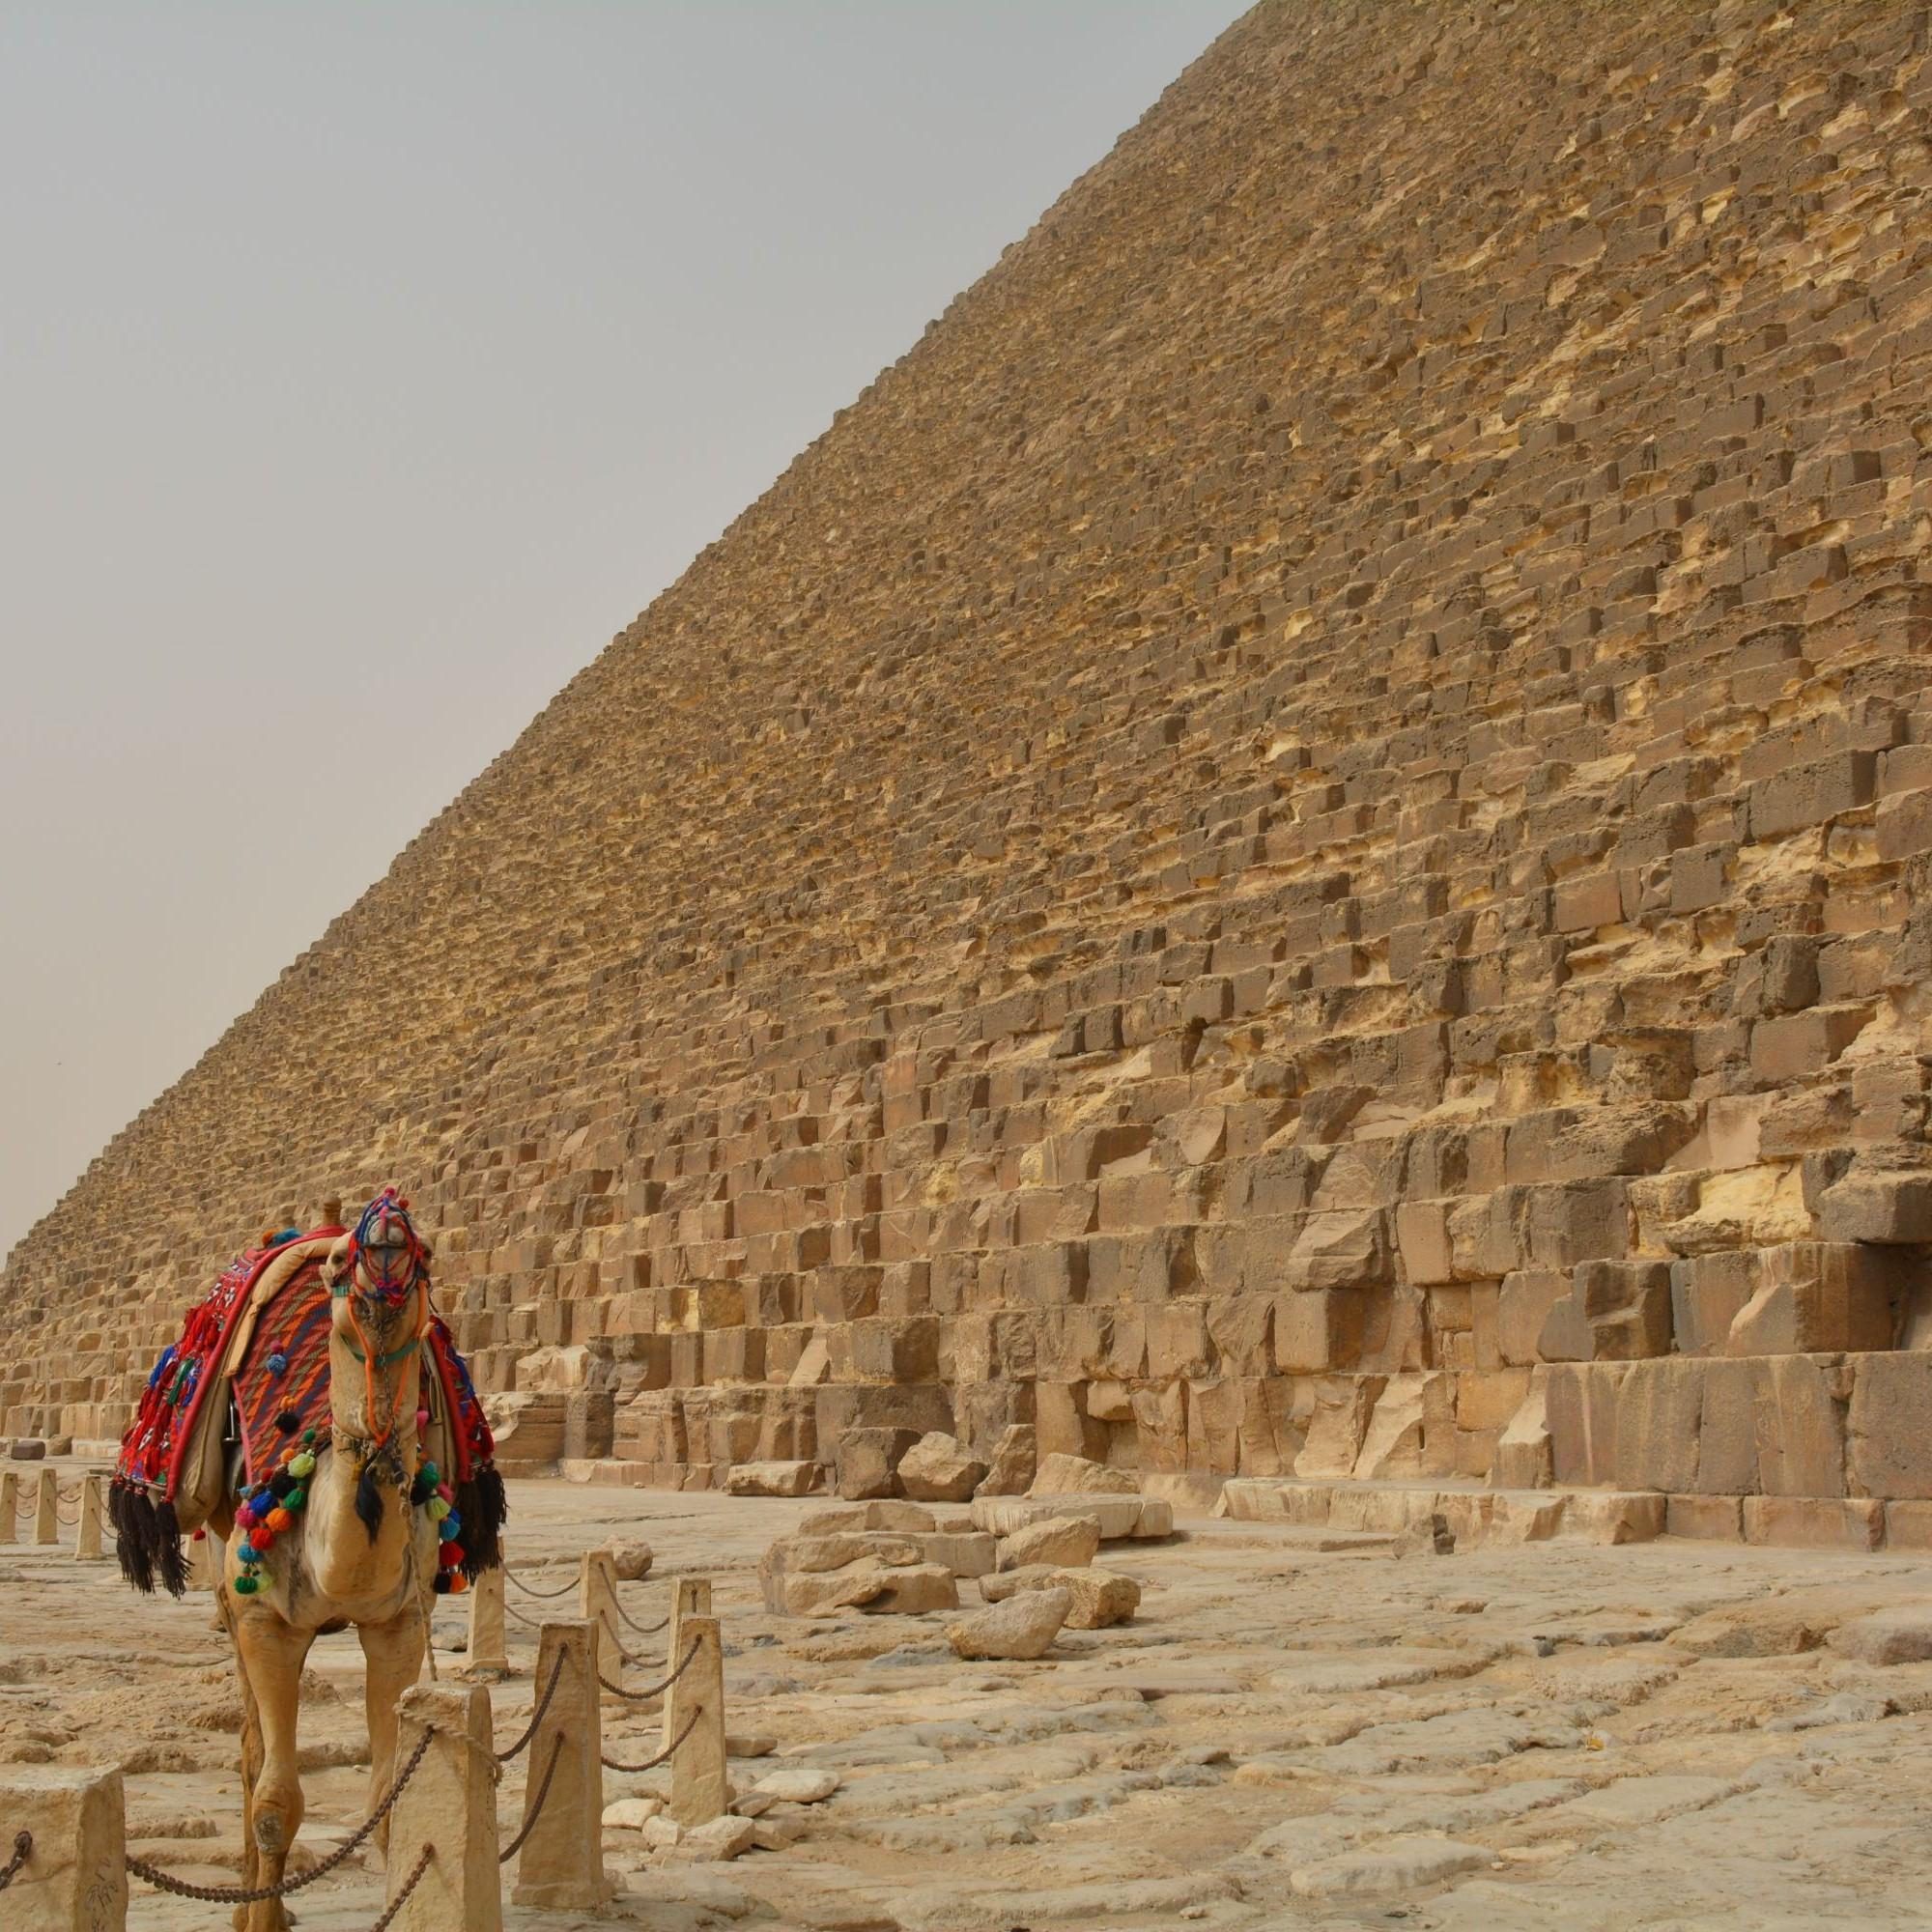 Die Pyramiden von Gizeh stehen heute noch immer – und das 4.500 Jahre nach ihrem Bau. Aber auch an ihnen ist die Zeit nicht spurlos vorbei gegangen: Die neu entwickelte Schutzschicht POM-IL könnte dem vielleicht entgegentreten.Die Pyramiden von Gizeh ste